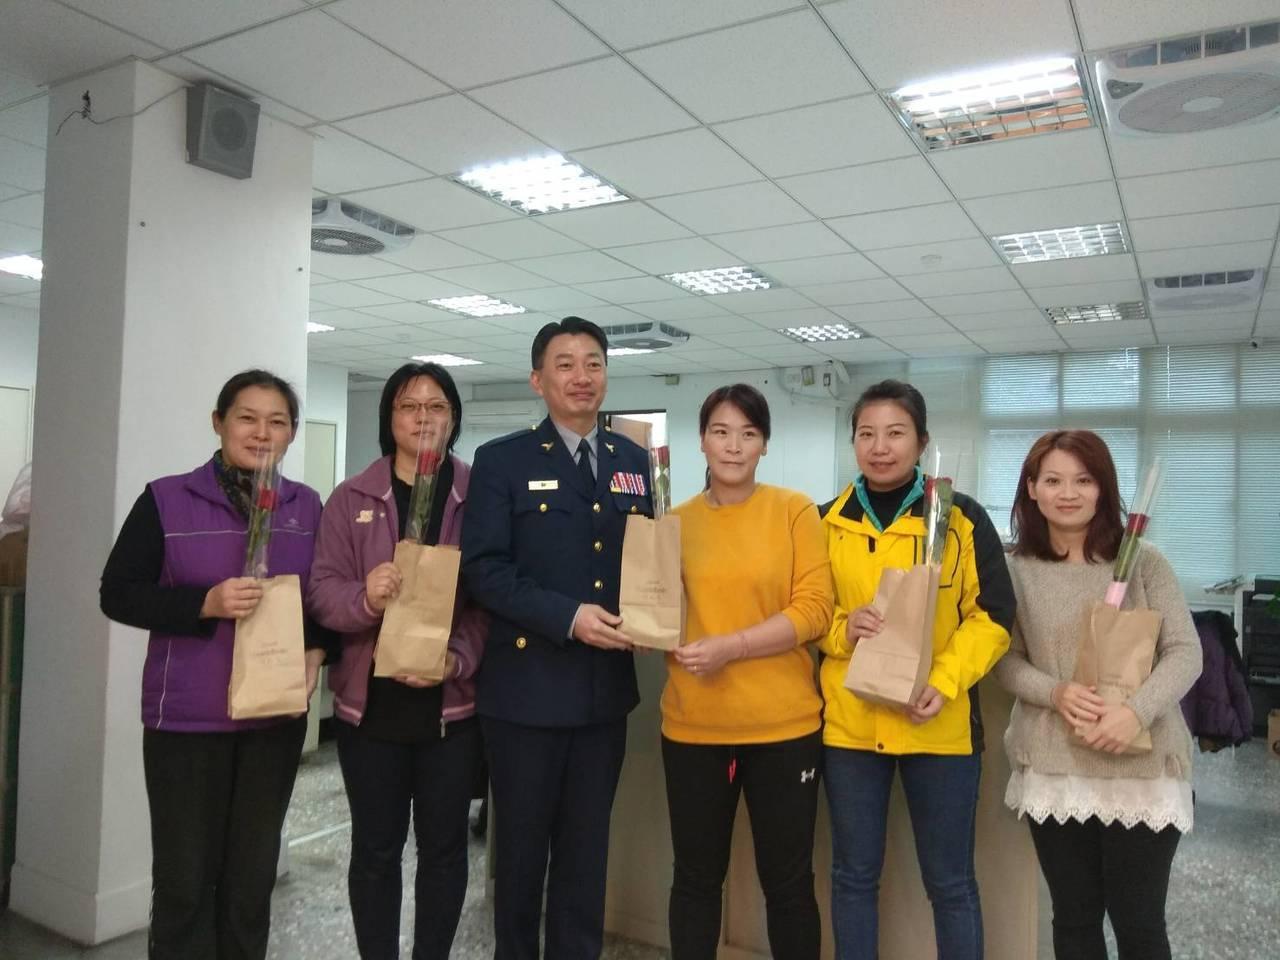 淡水警分局長劉炯炫(左三)代表送花和蛋糕給女警、女性職員,祝大家38婦女節快樂。...